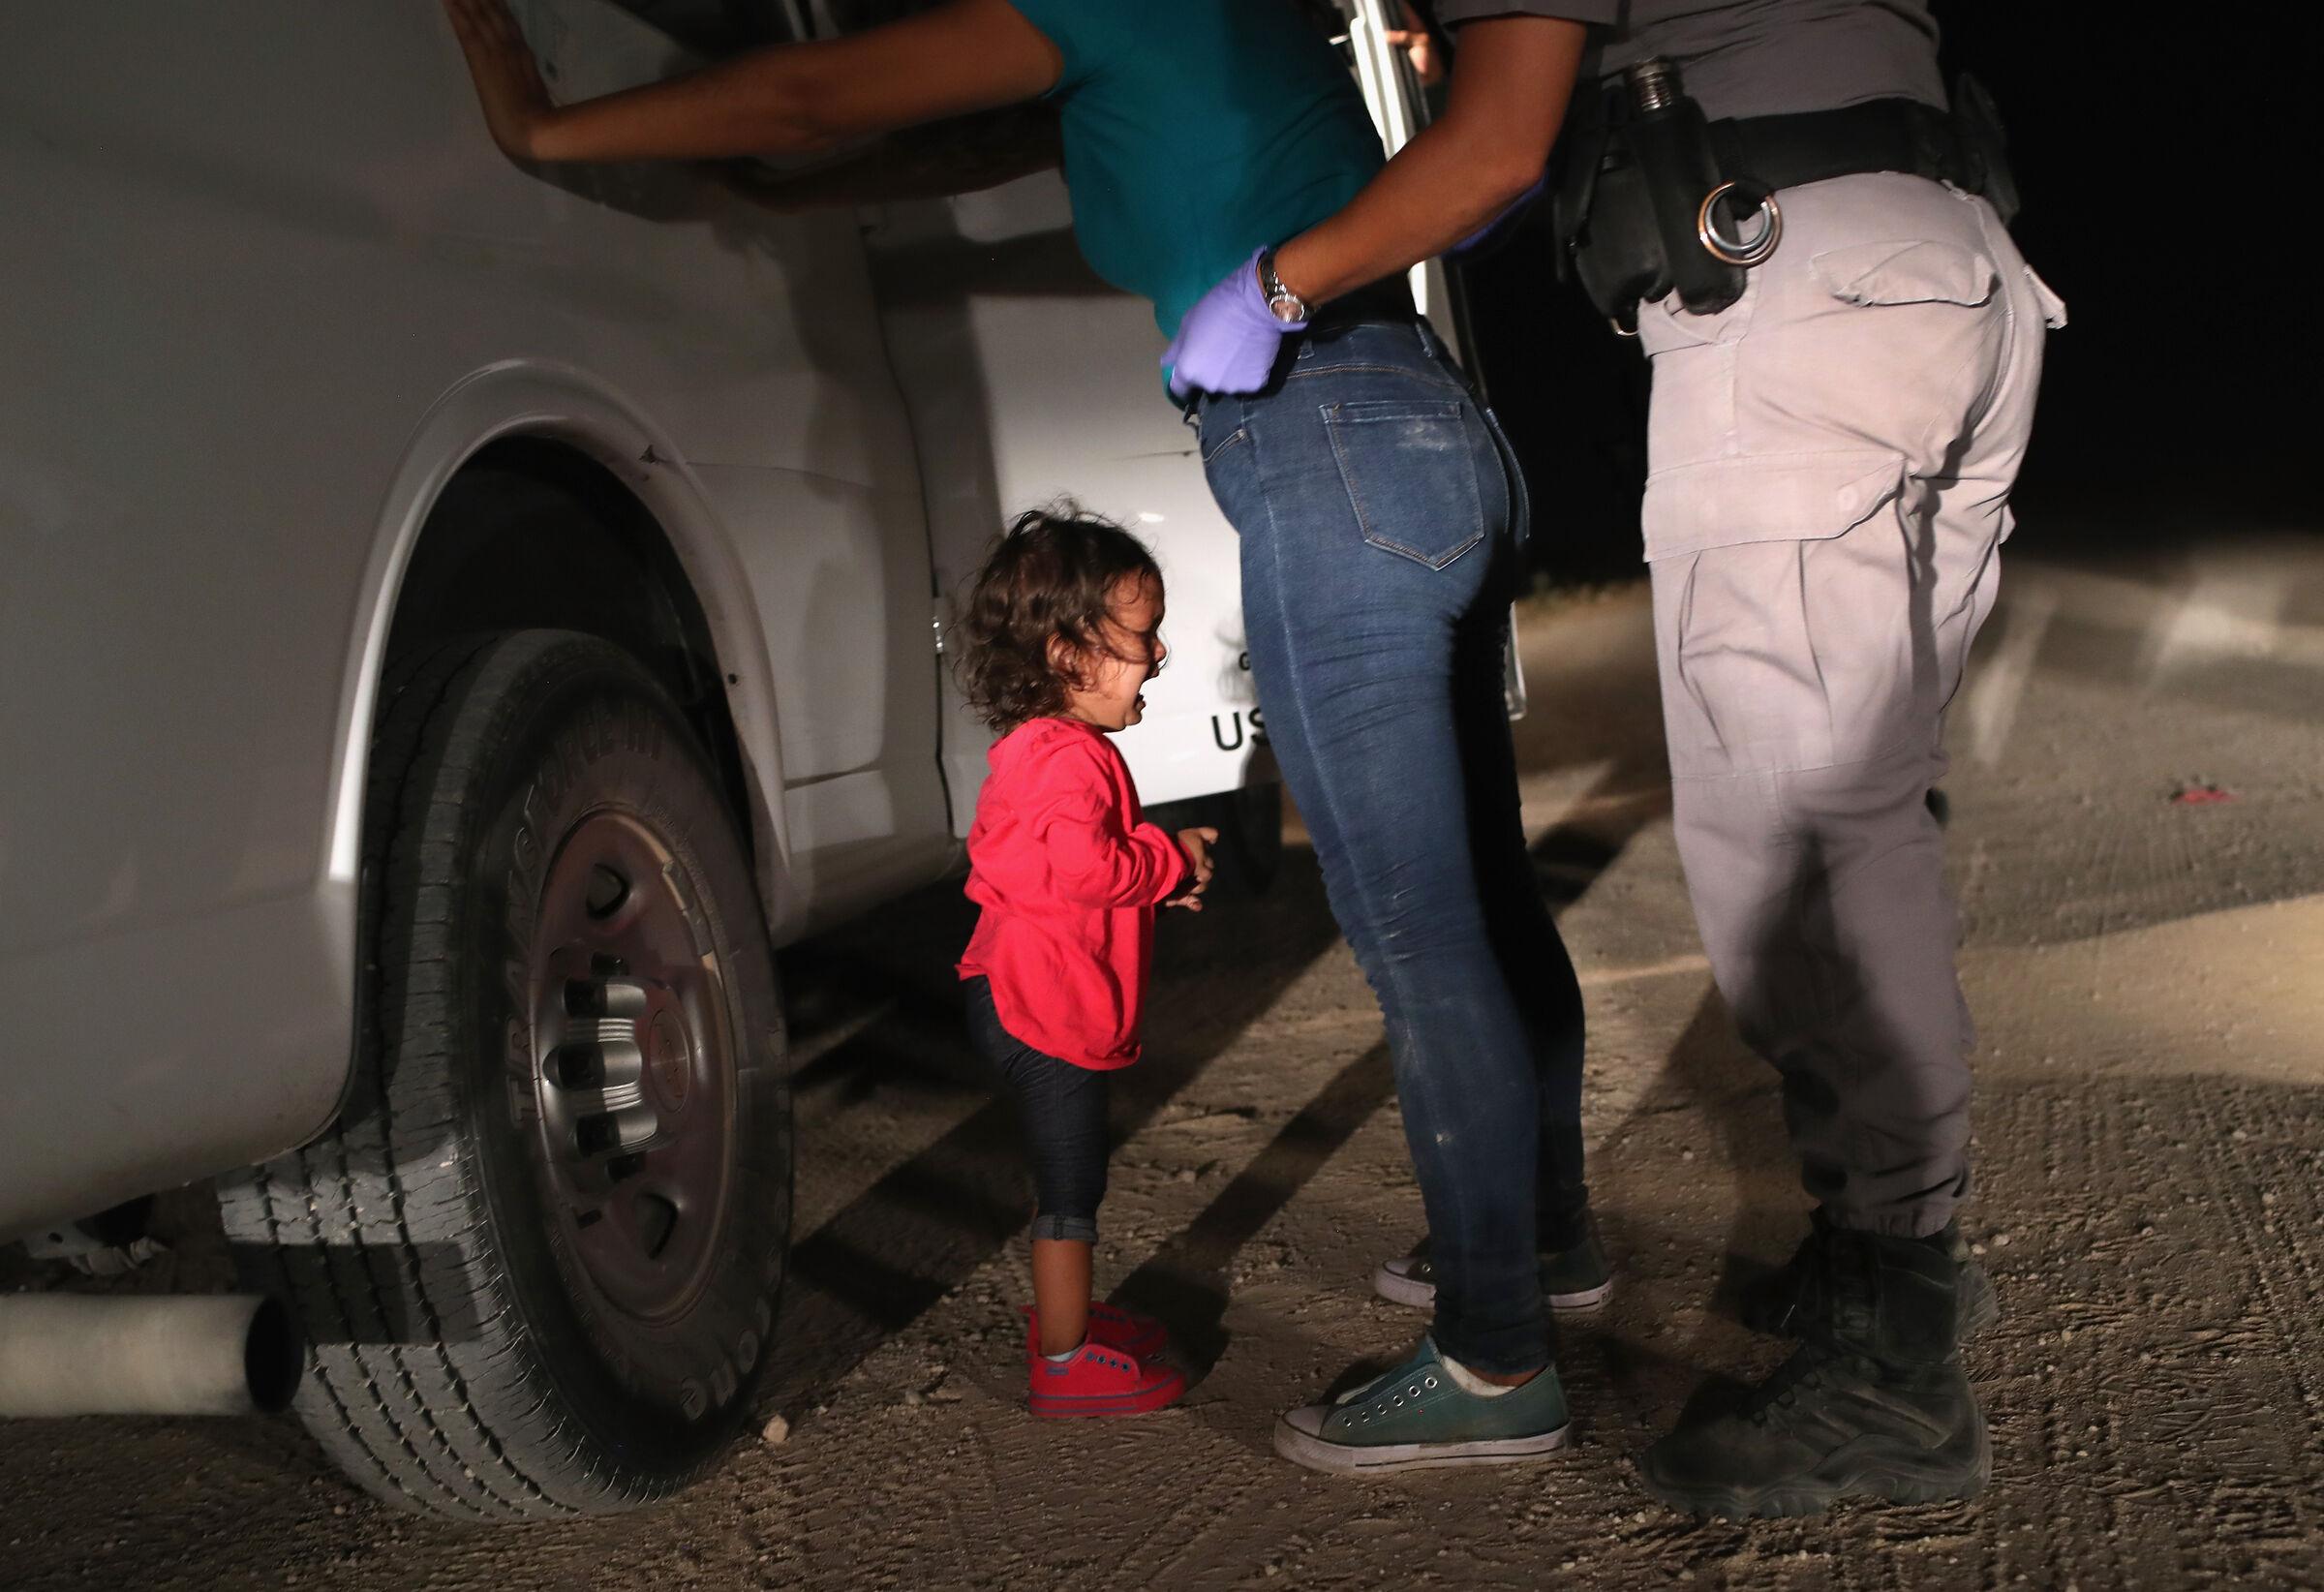 Crianças separadas dos pais nos EUA – imigração ilegal